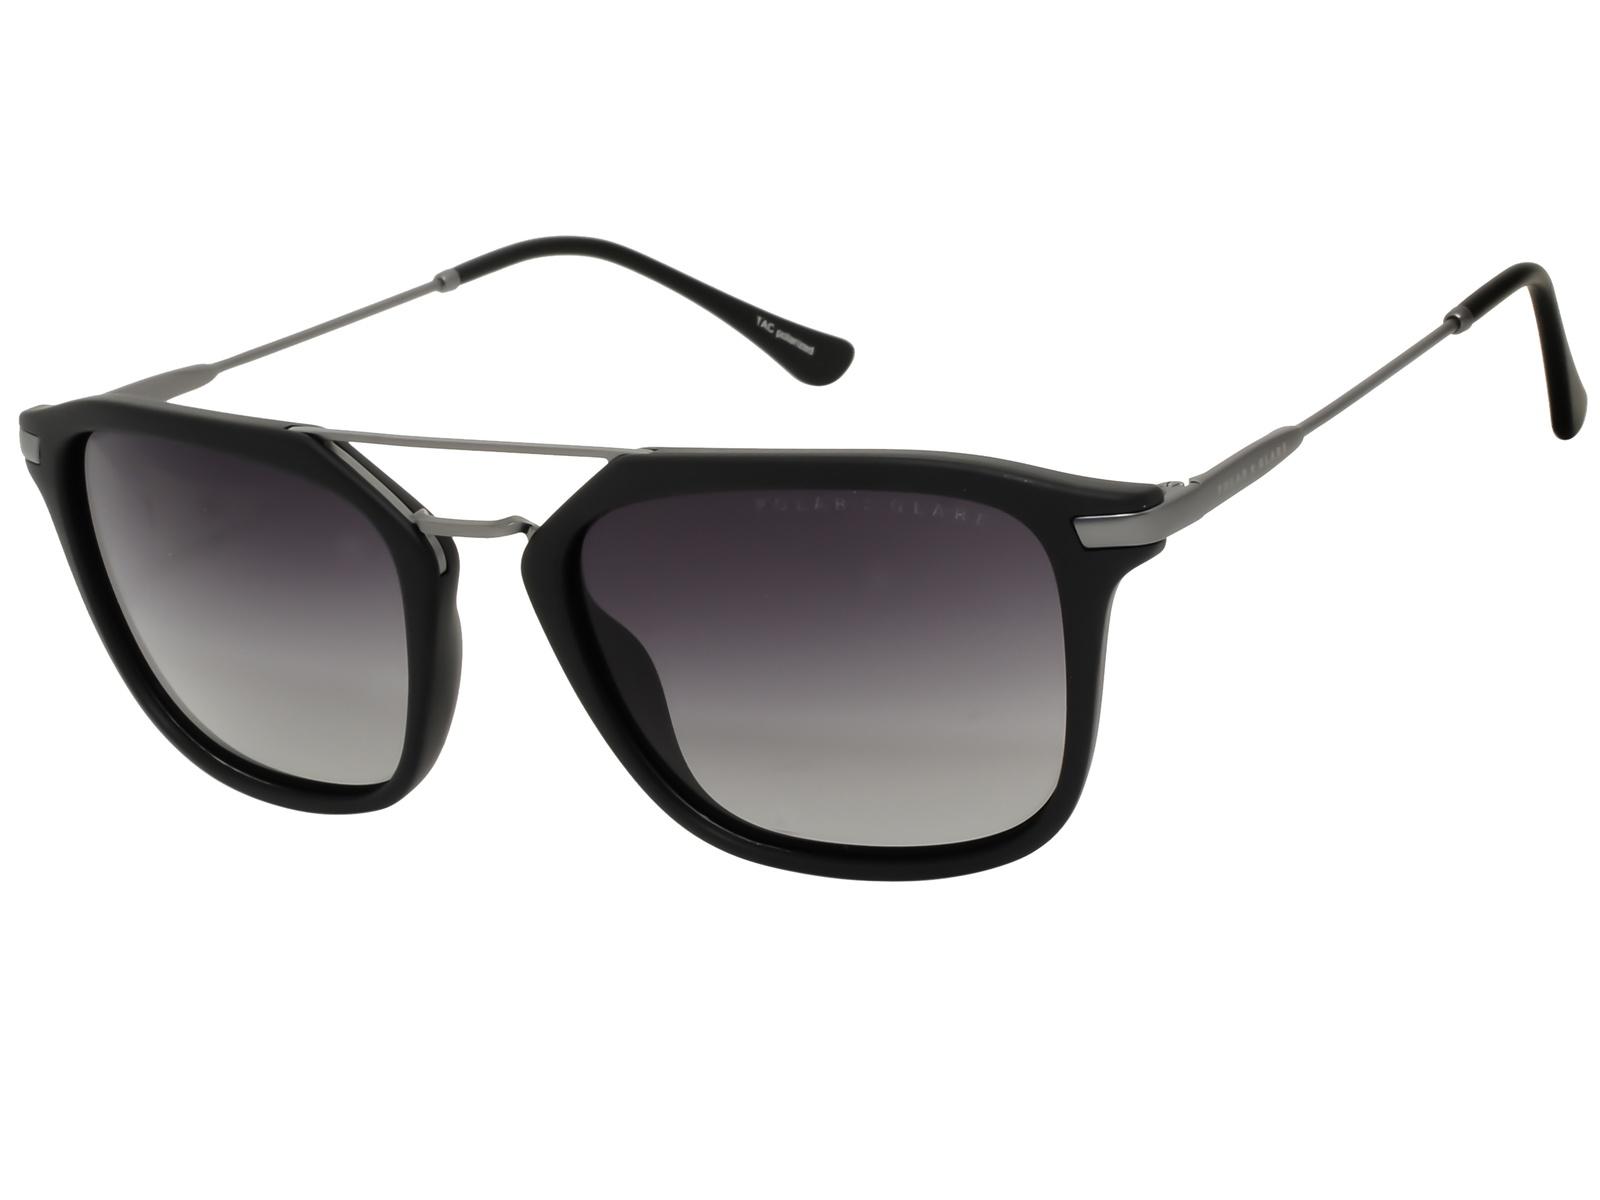 Очки солнцезащитные Polar Glare PG 5415APG 5415AПоляризационные солнцезащитные очки. Высокое качество, современныи? дизаи?н, прочные поликарбонатные линзы